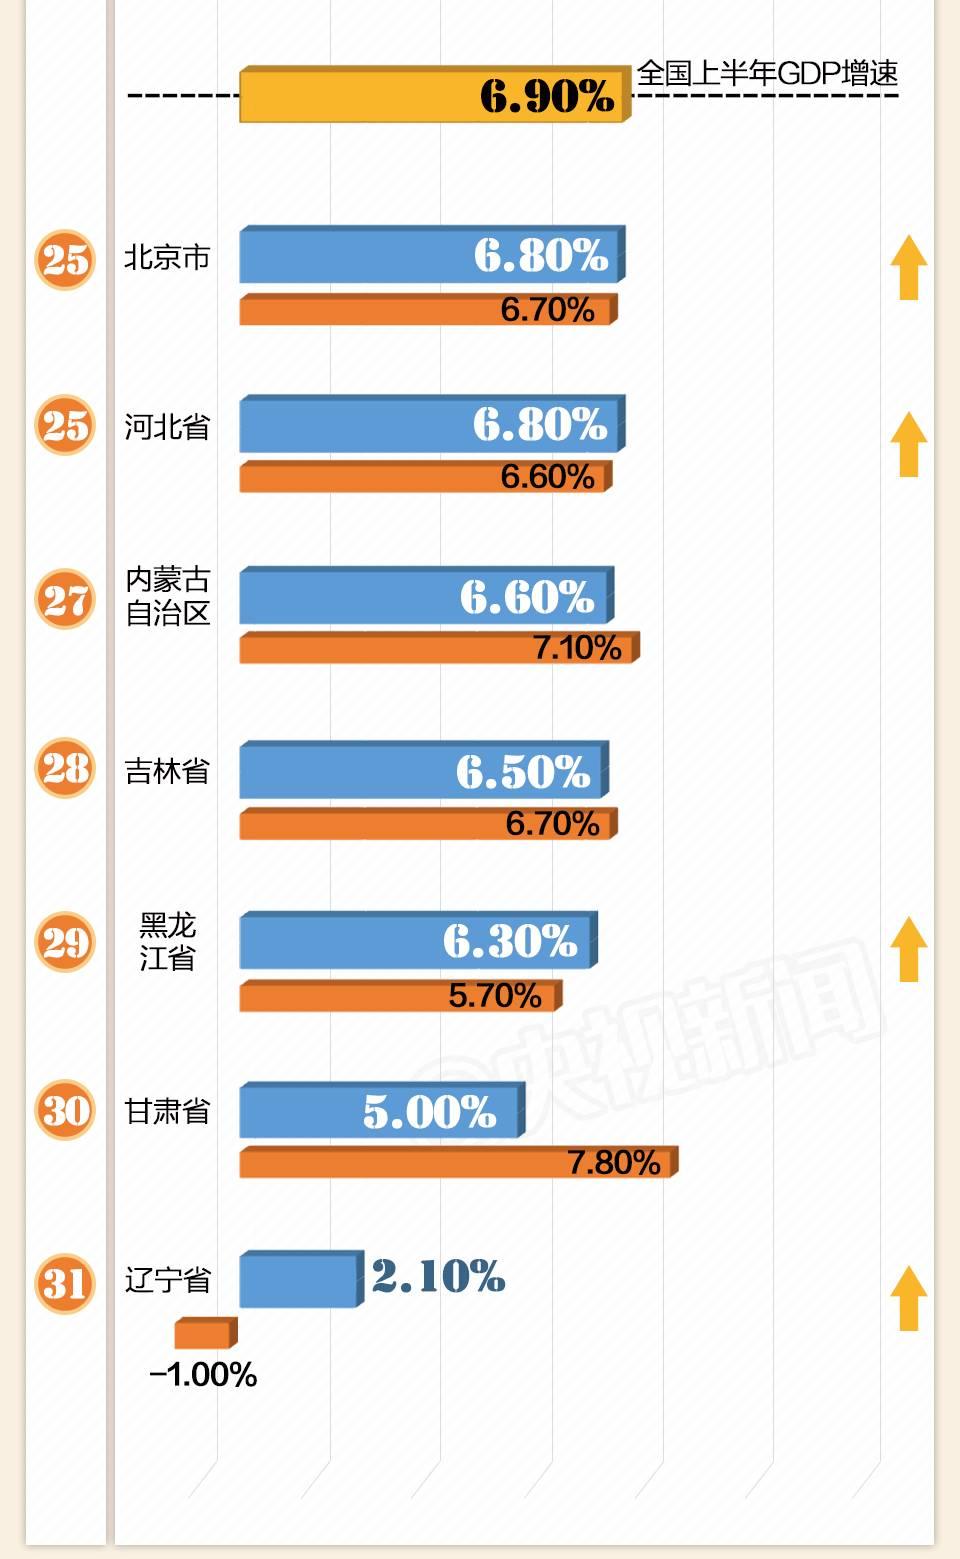 陕西各市gdp排名_陕西旅游景点排名